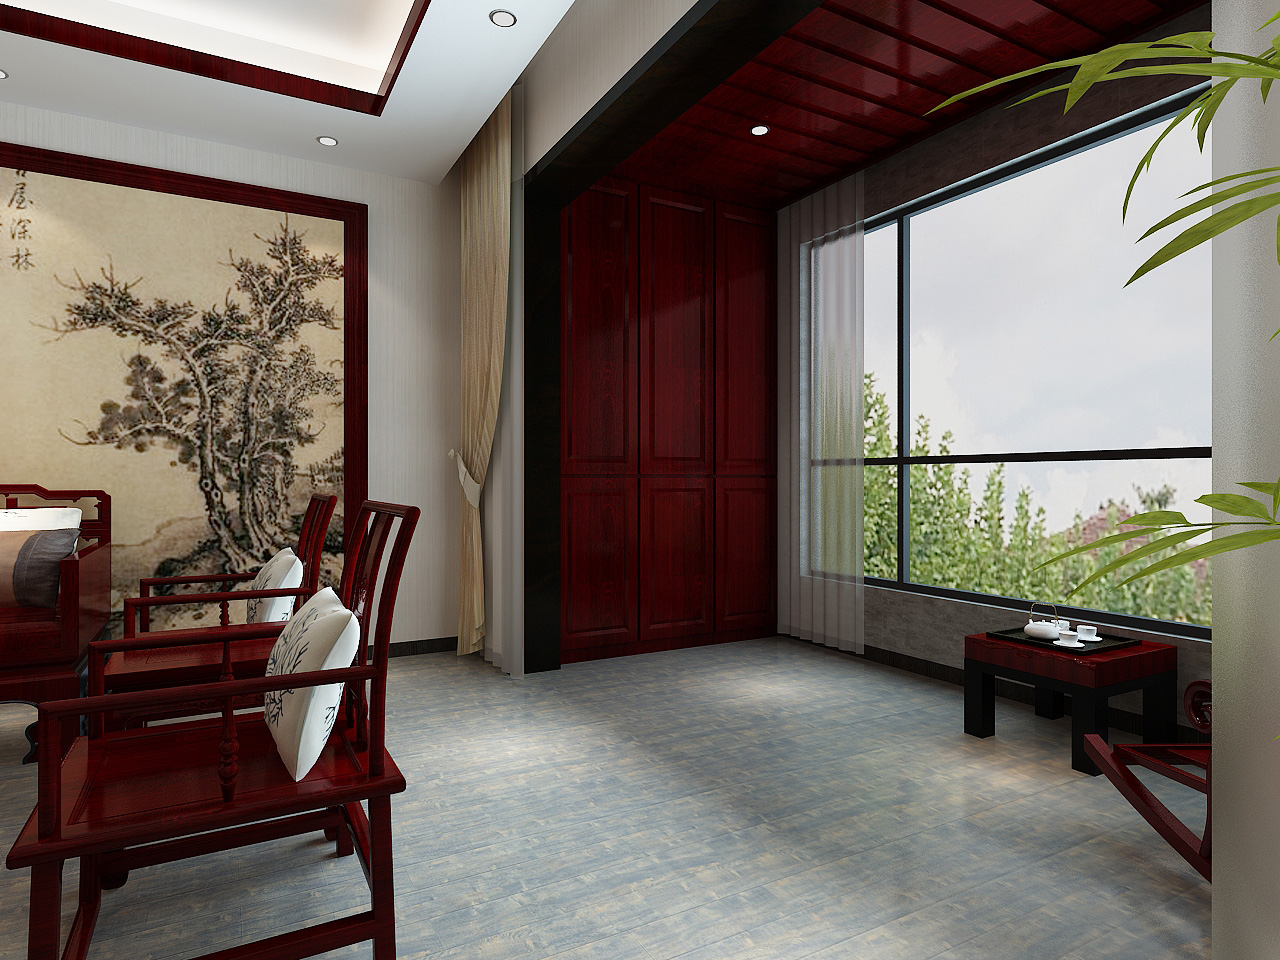 中式风格三居室阳台装修效果图